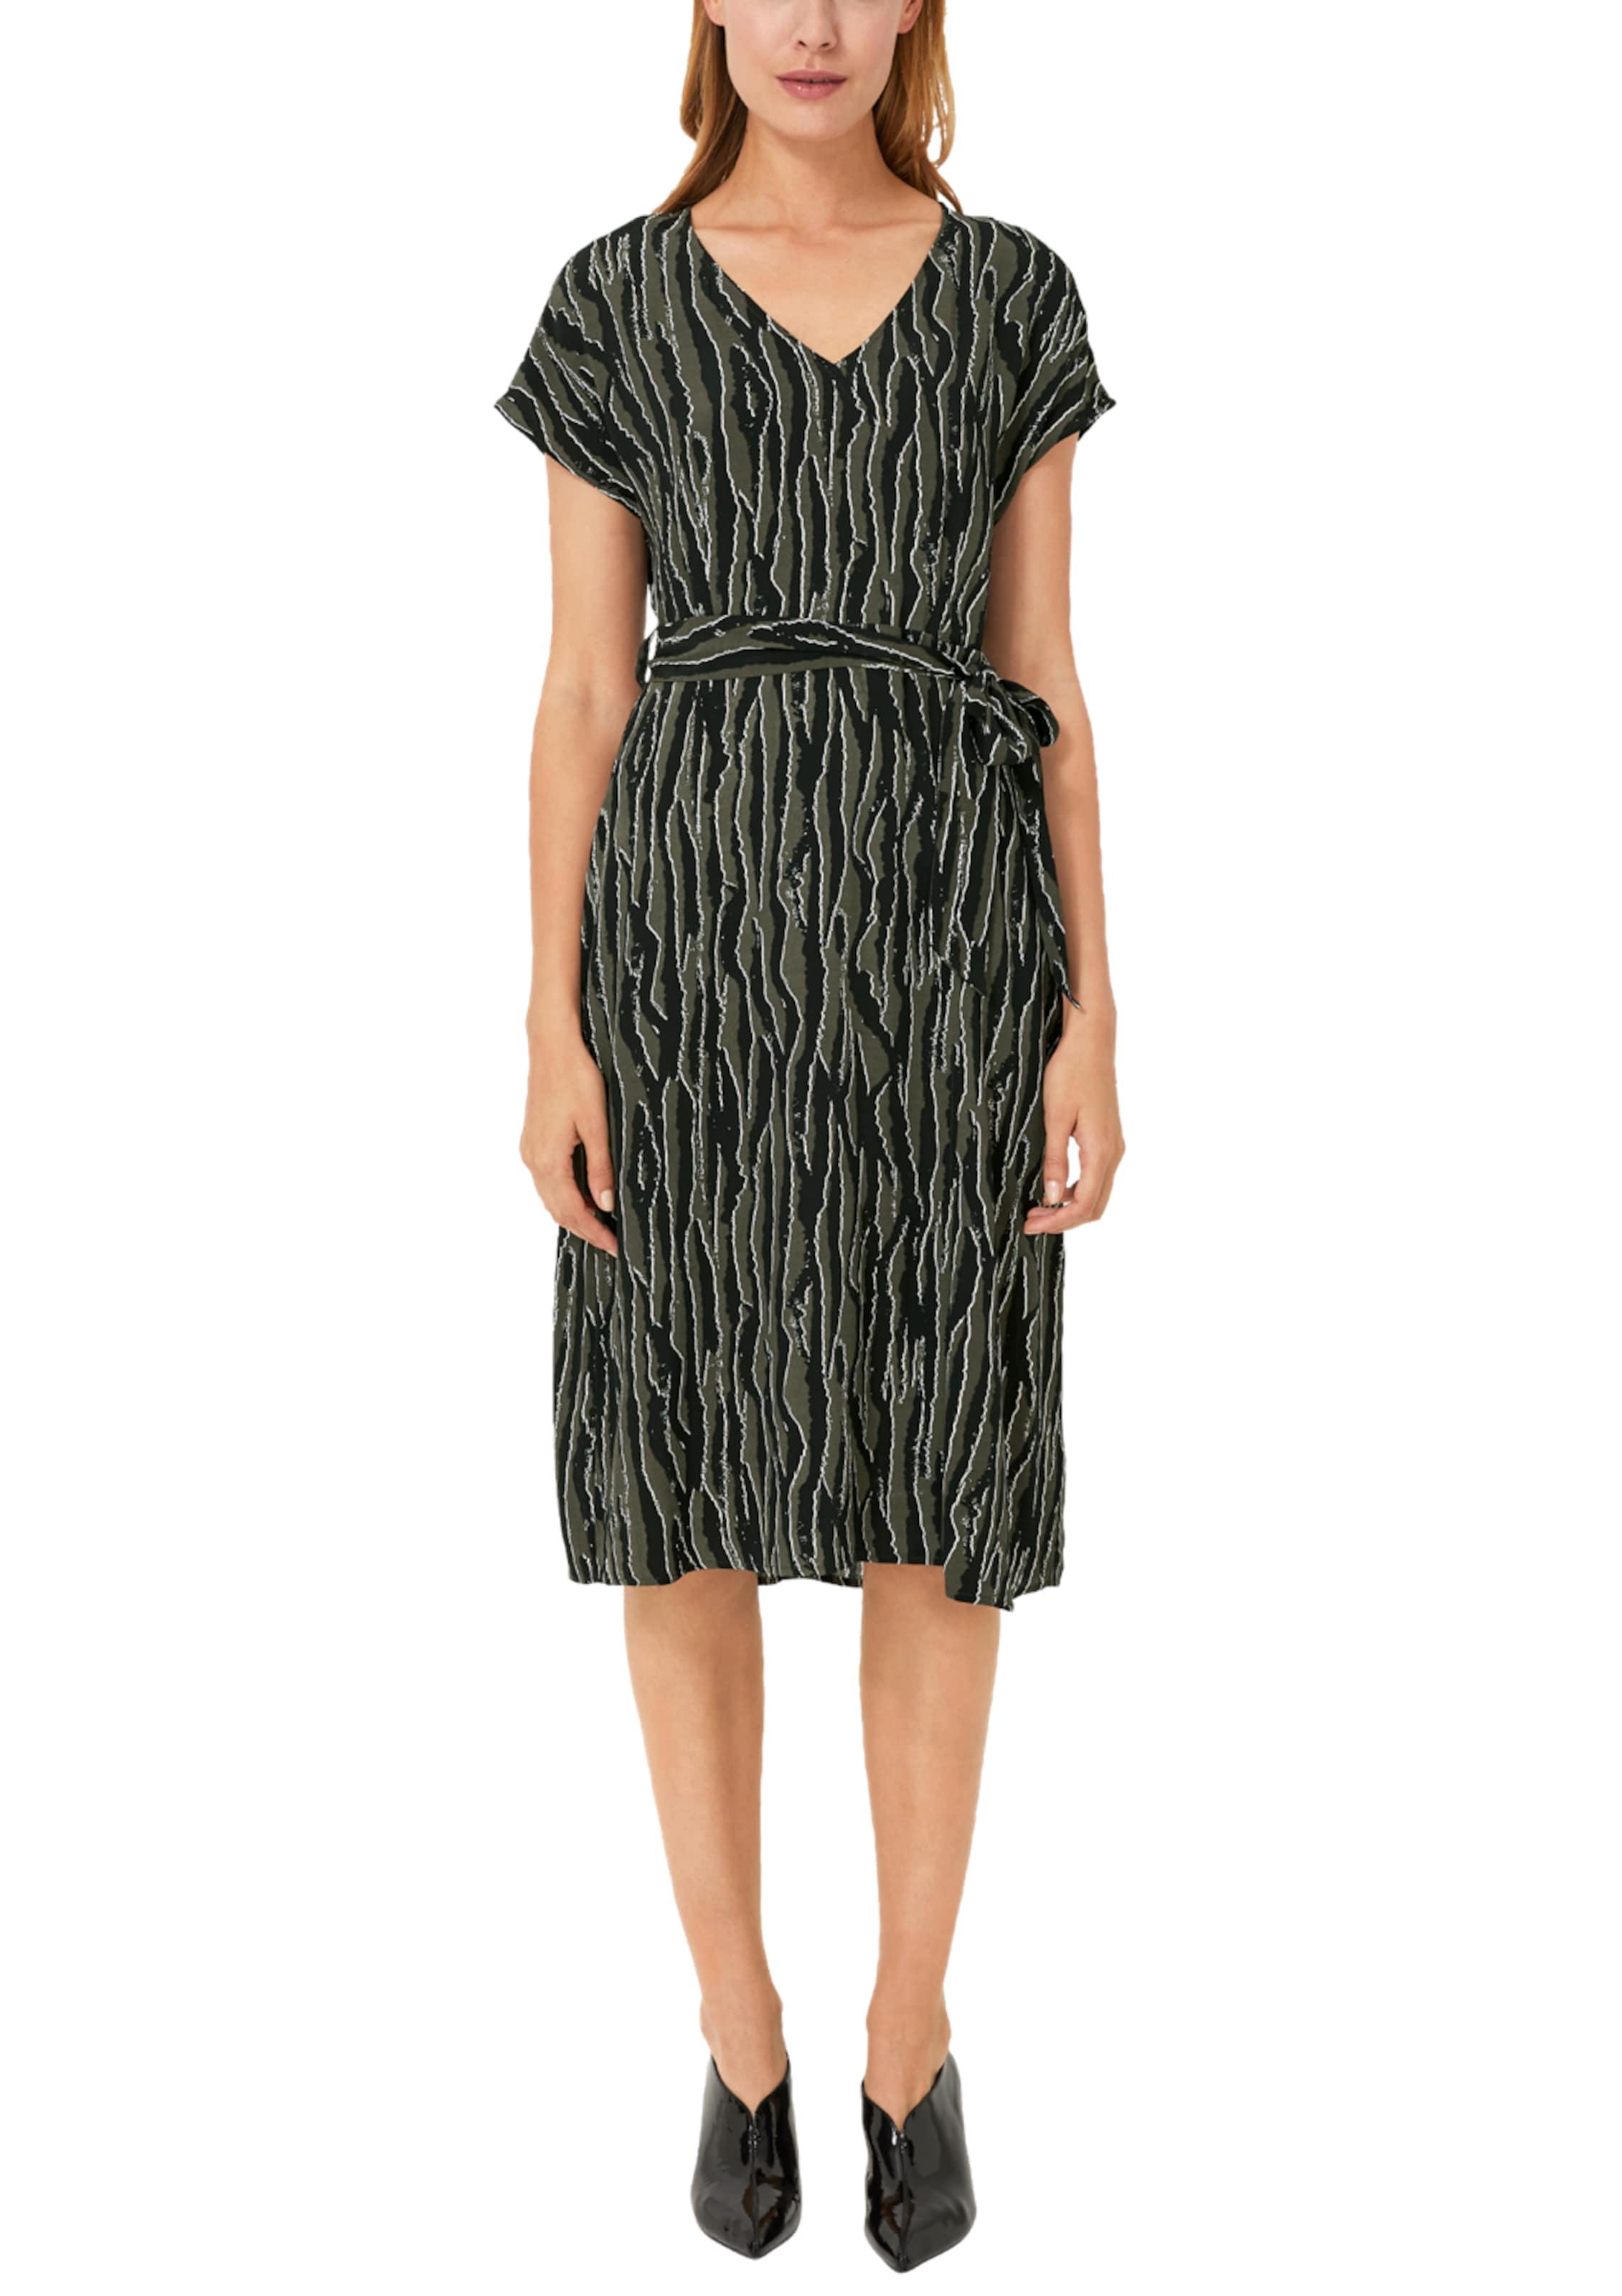 oliver KhakiSchwarz Kleid In Black S Weiß Label FJl1Kc3T